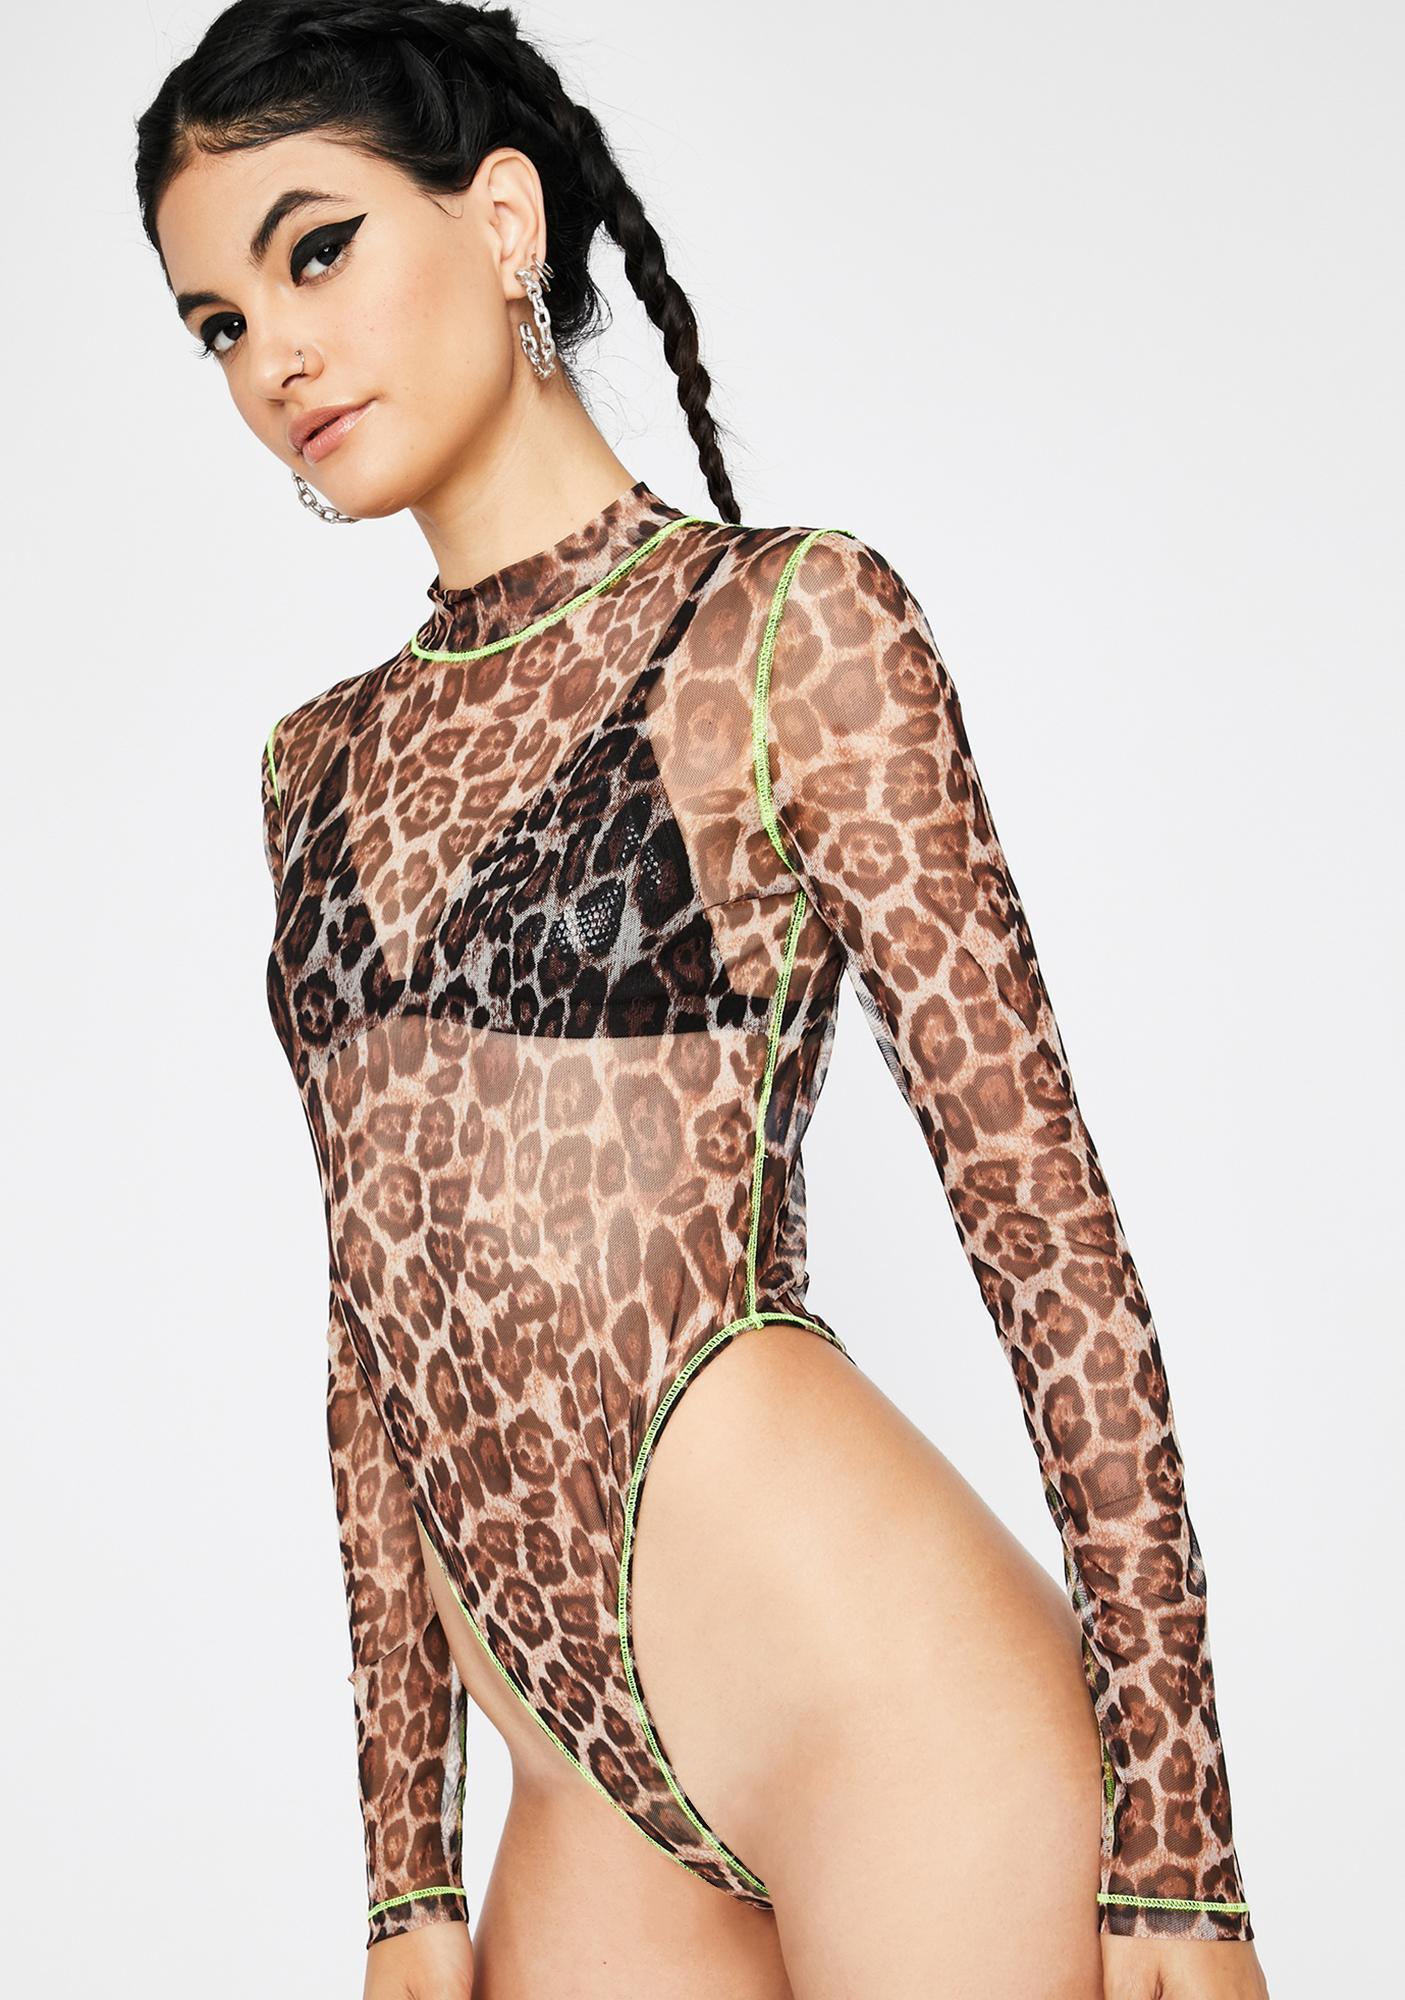 Litty Kitty Leopard Bodysuit